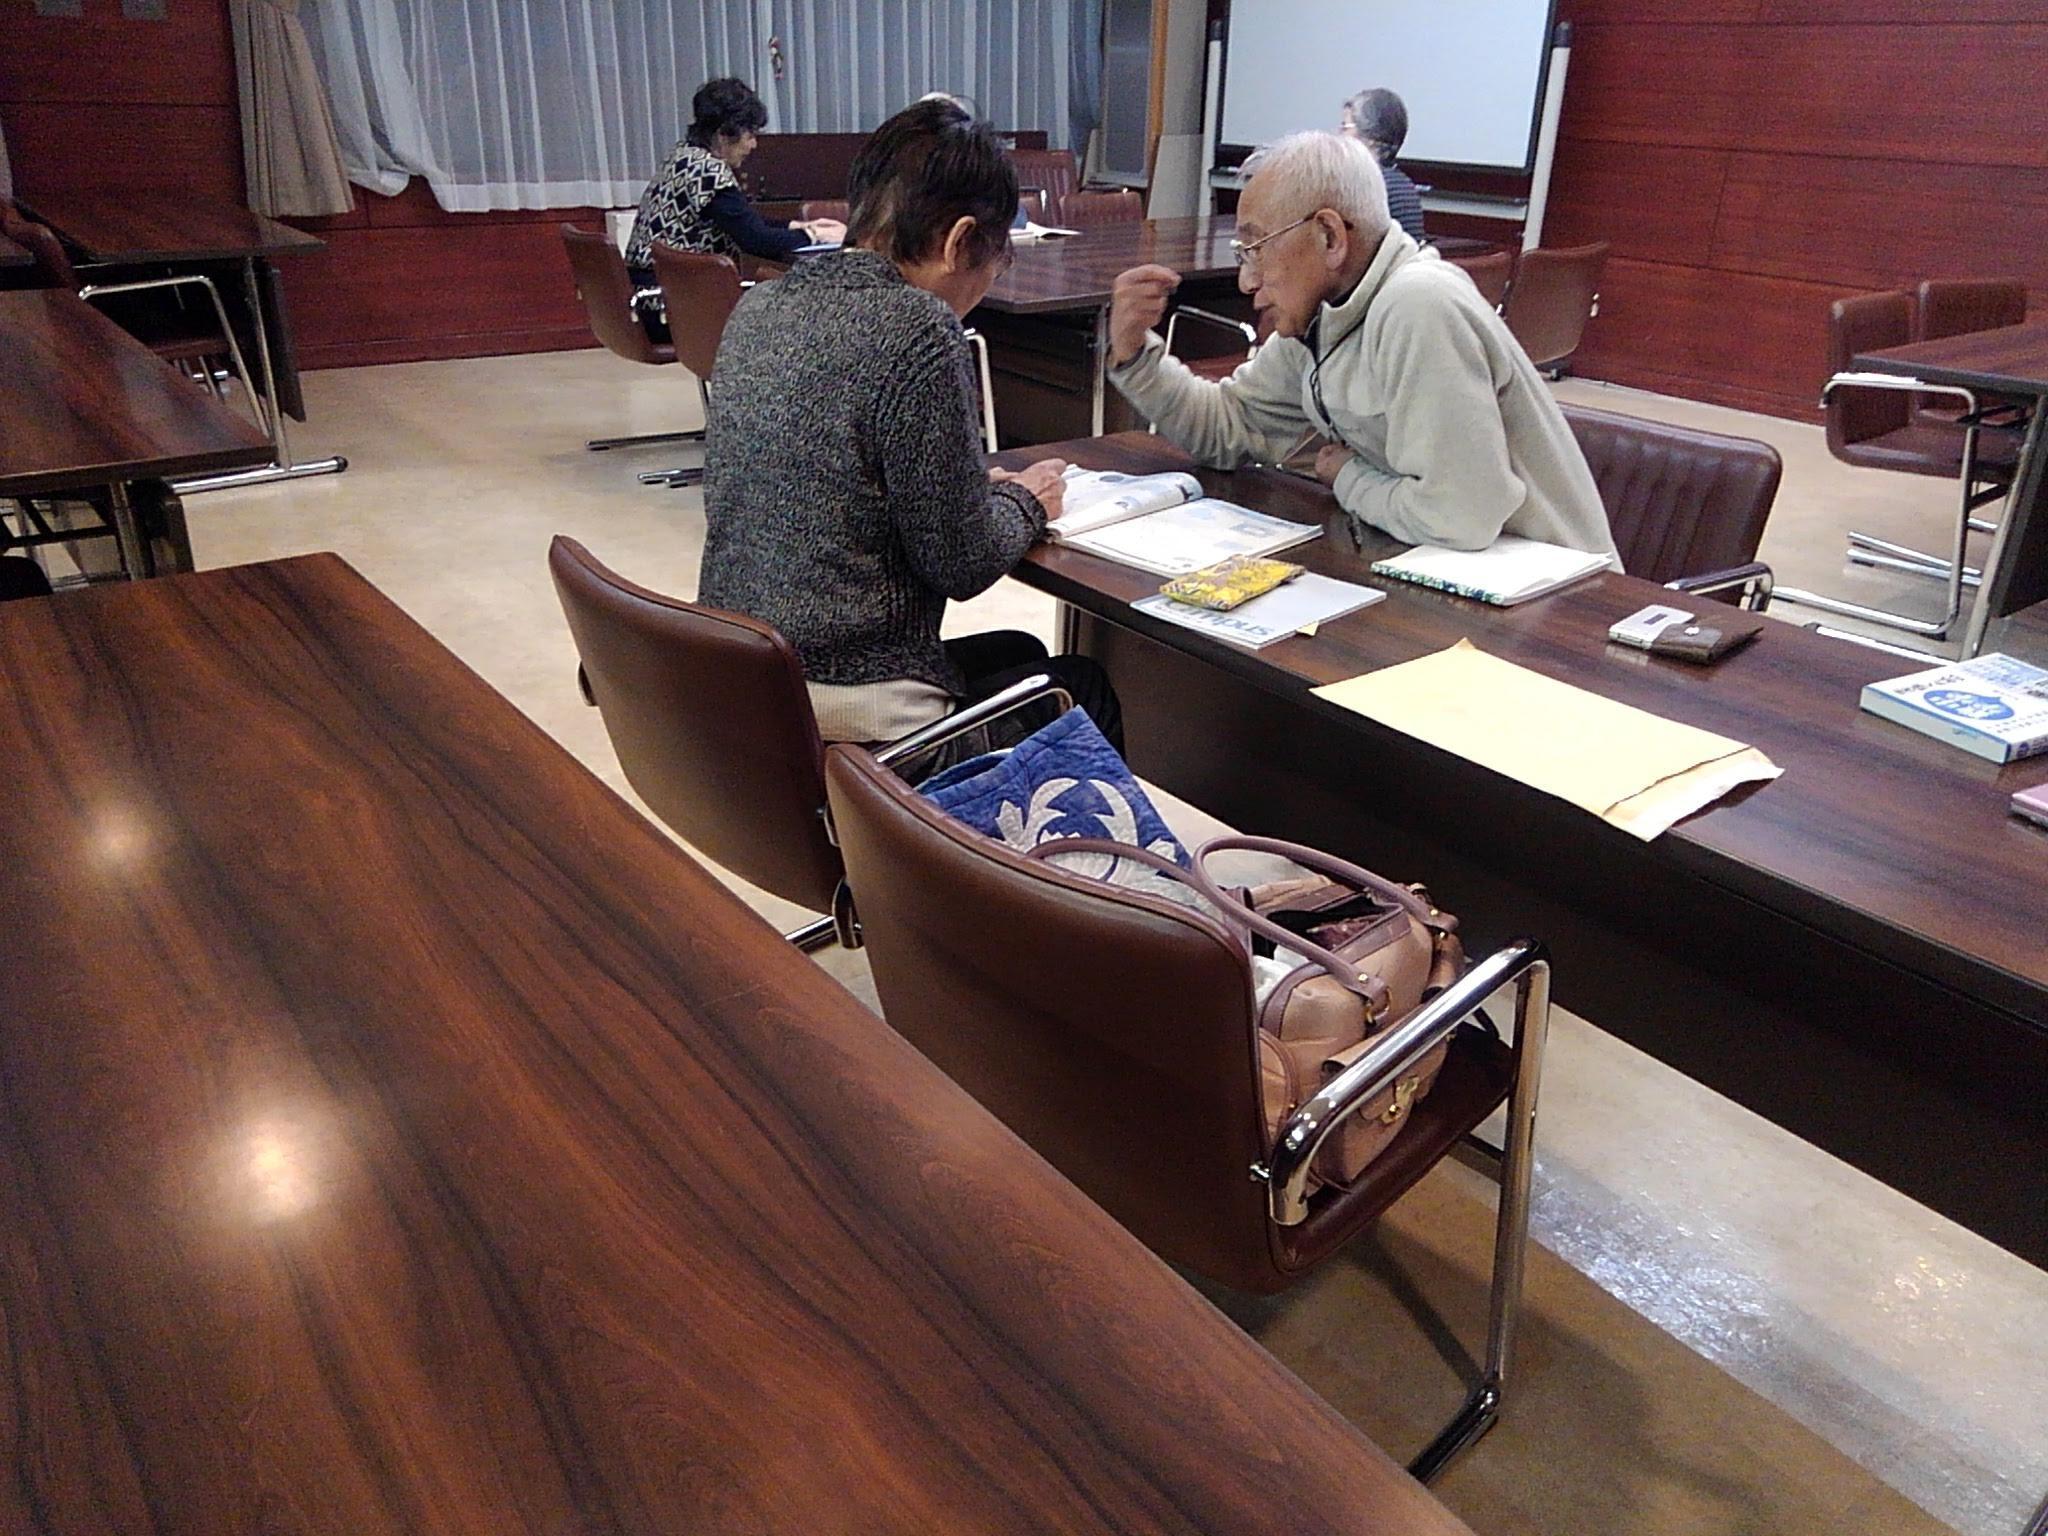 2019年11月19日(火) 学習会_f0202120_21035762.jpg